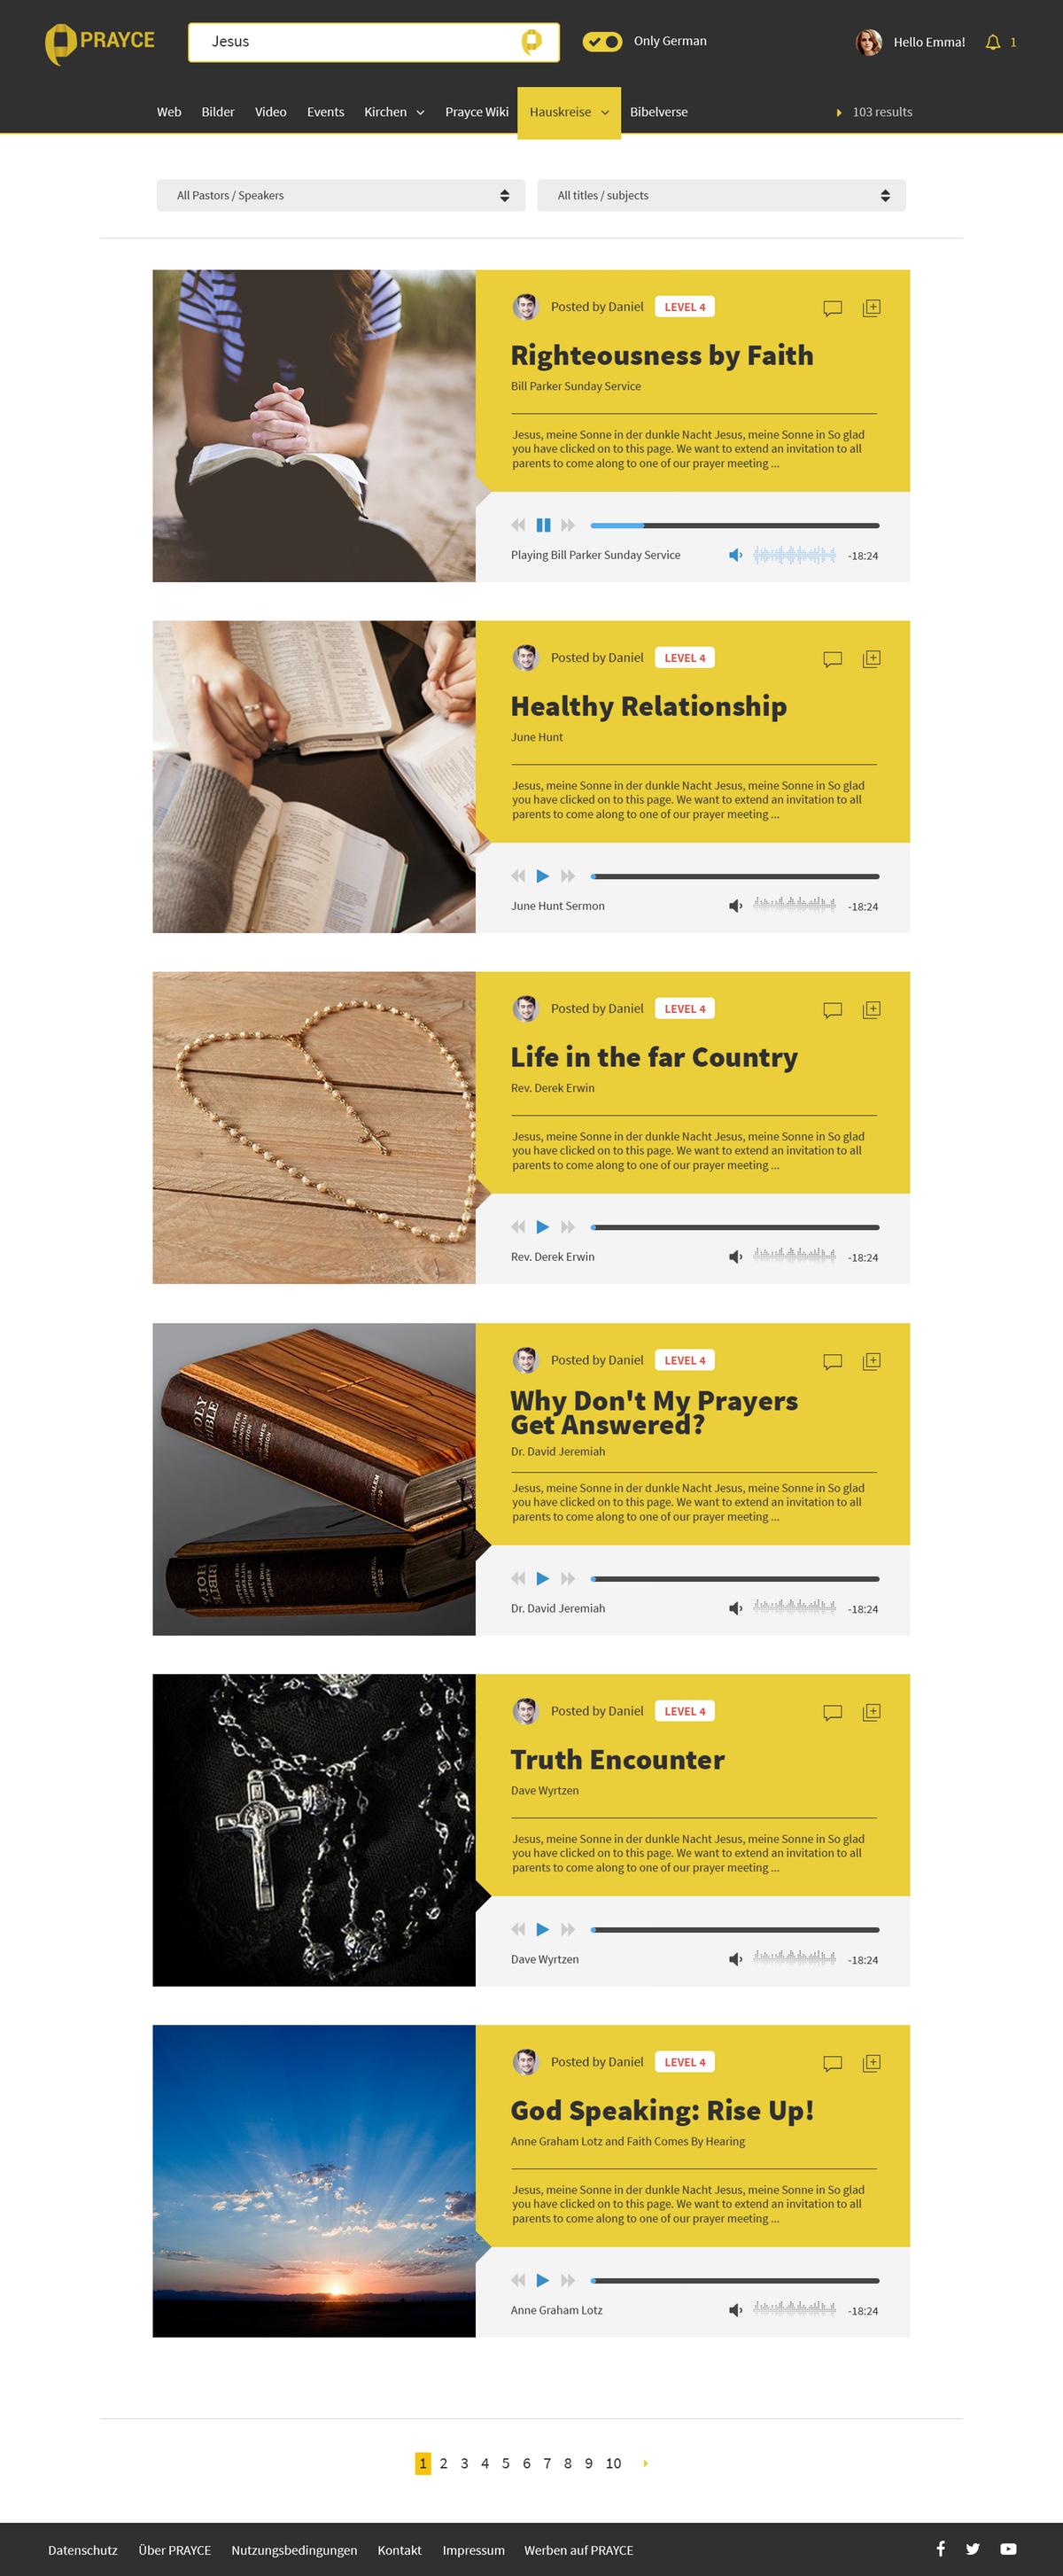 Further Webdesign of prayce.com/home